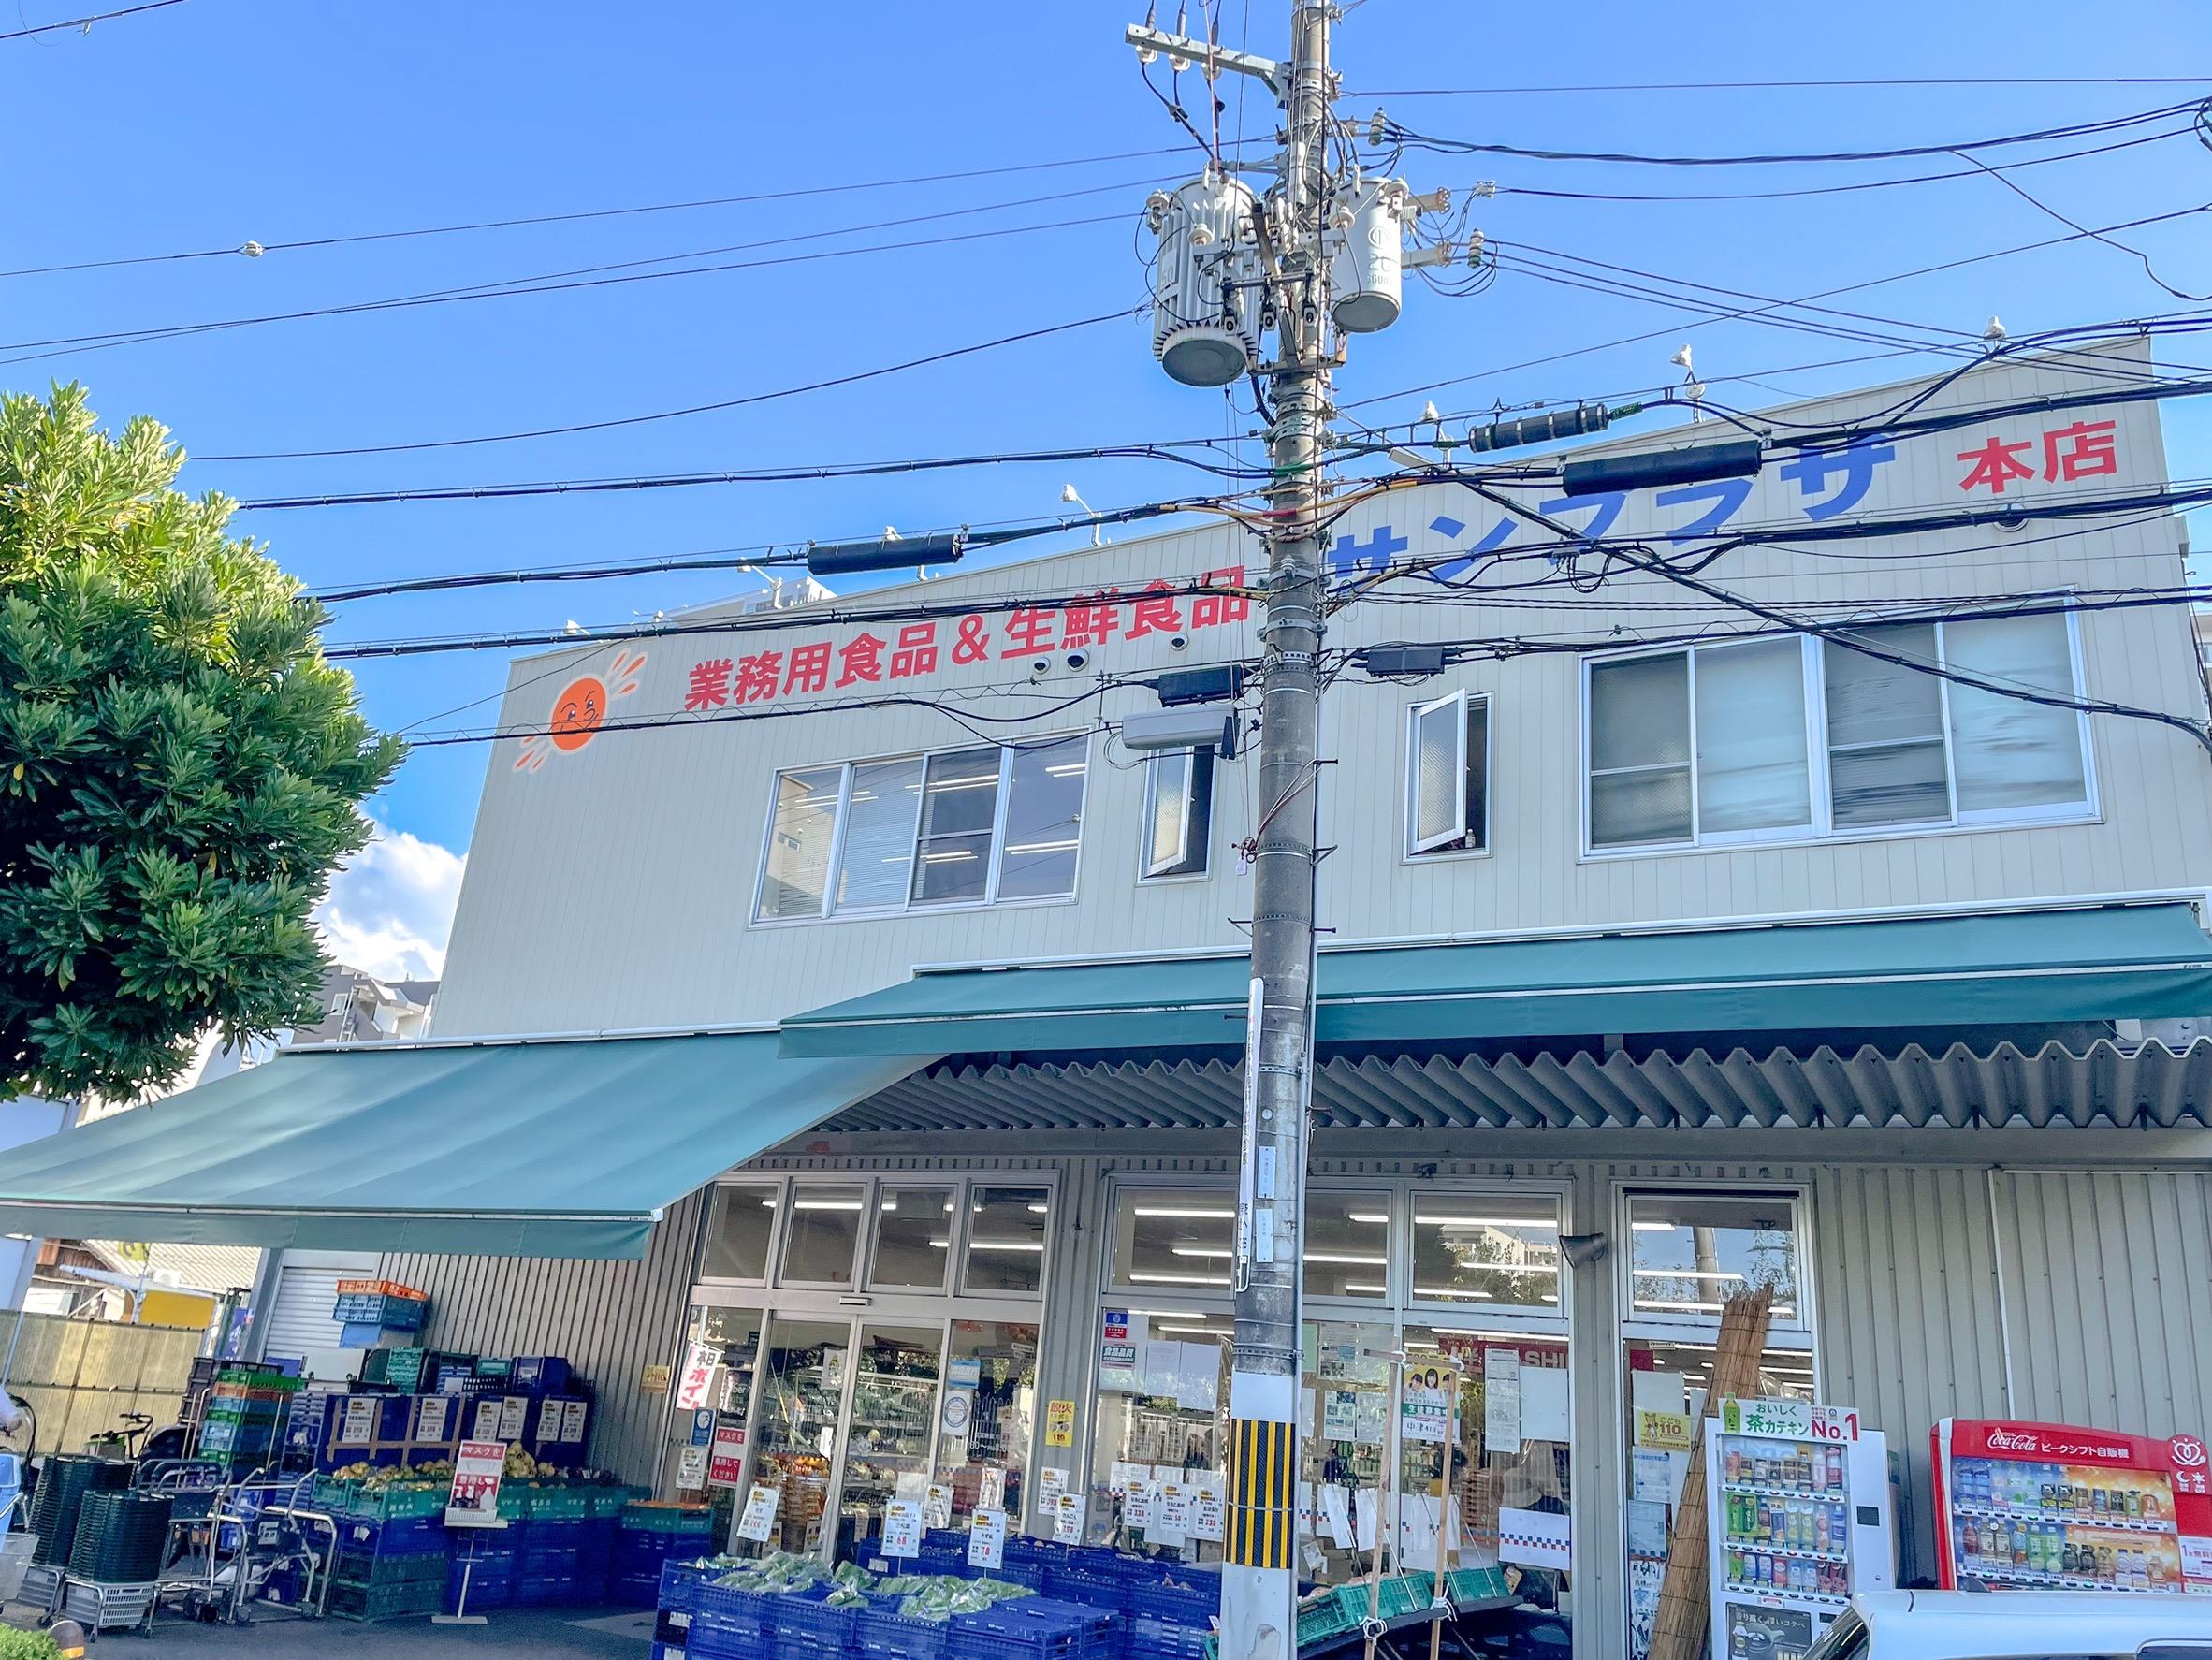 スーパー「サンプラザ」  徒歩7分 宅都プロパティ大阪学生向けマンション総合サイト studentroom